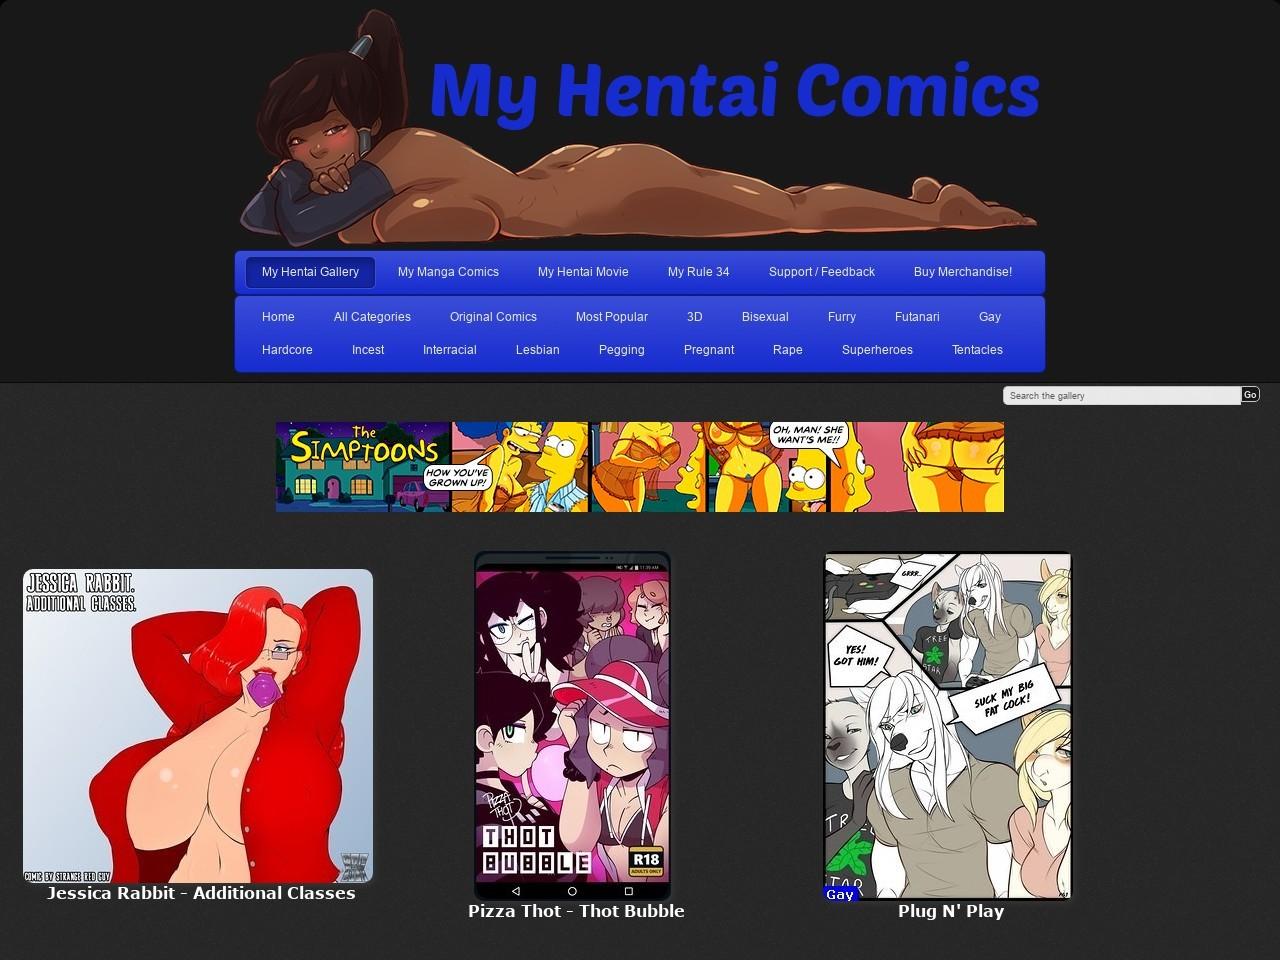 MyHentaiComics